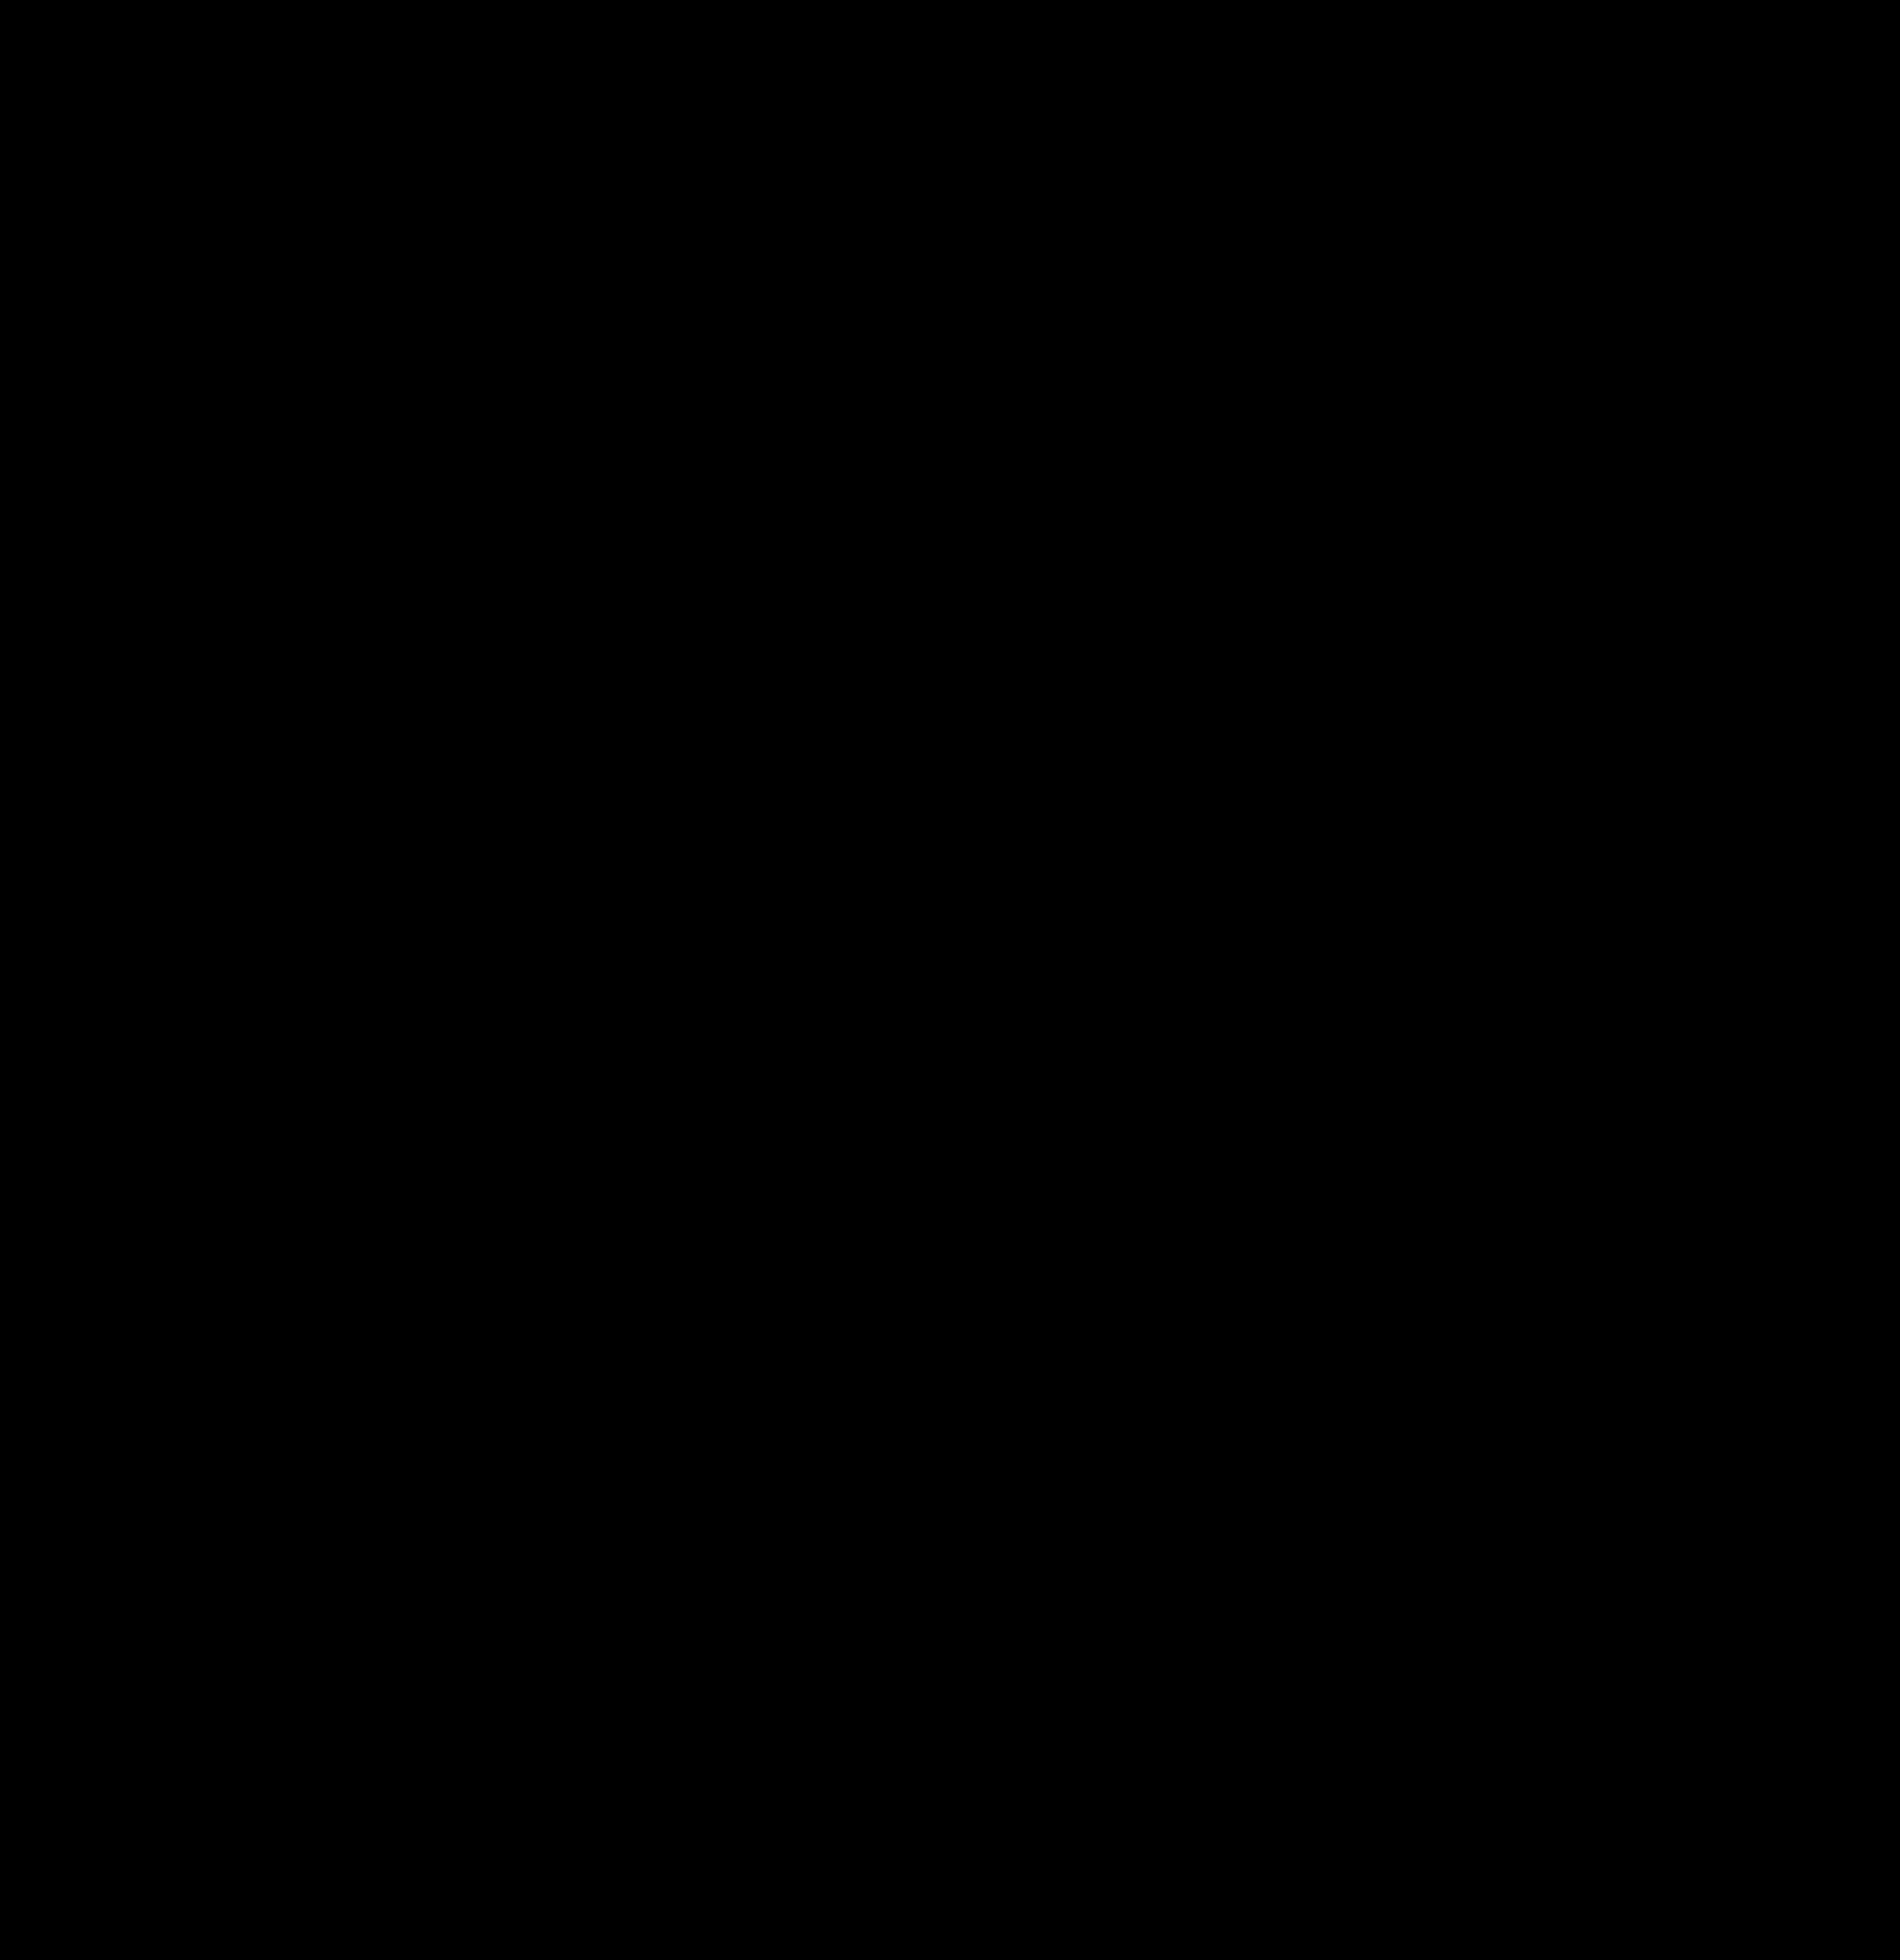 Gallerier-logo-black.png